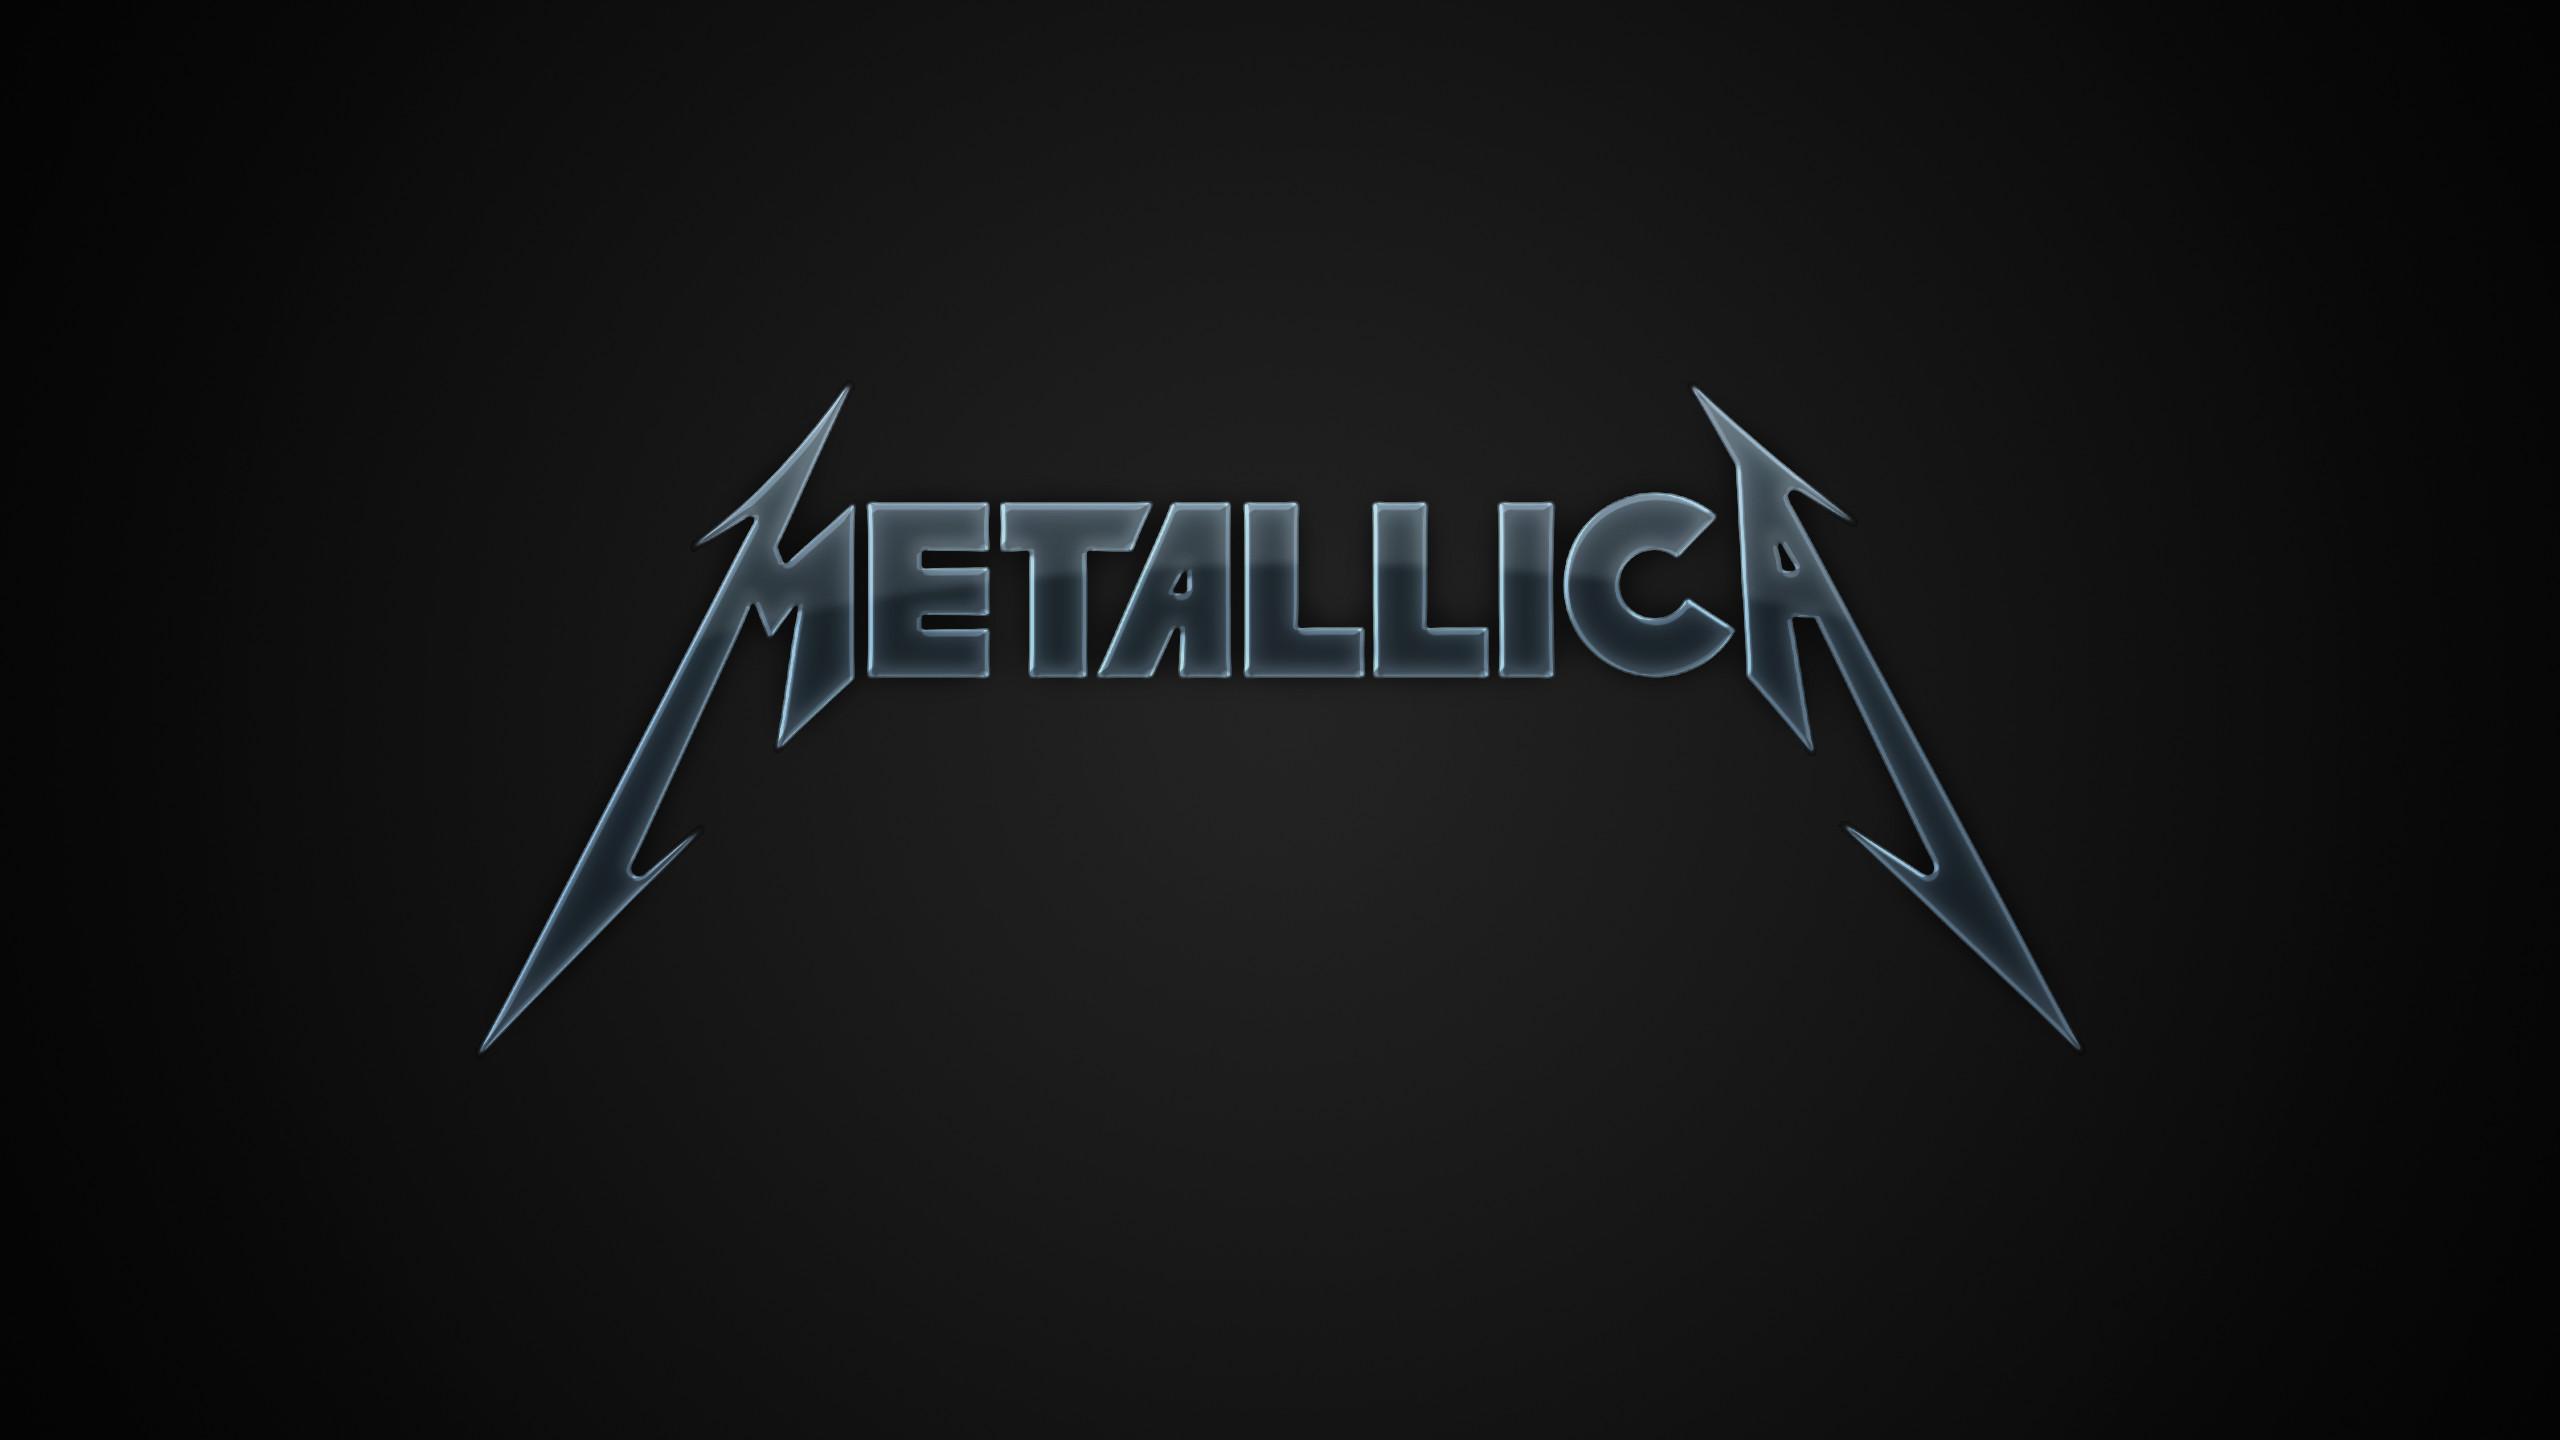 Metallica Wallpaper Iphone 50 Images